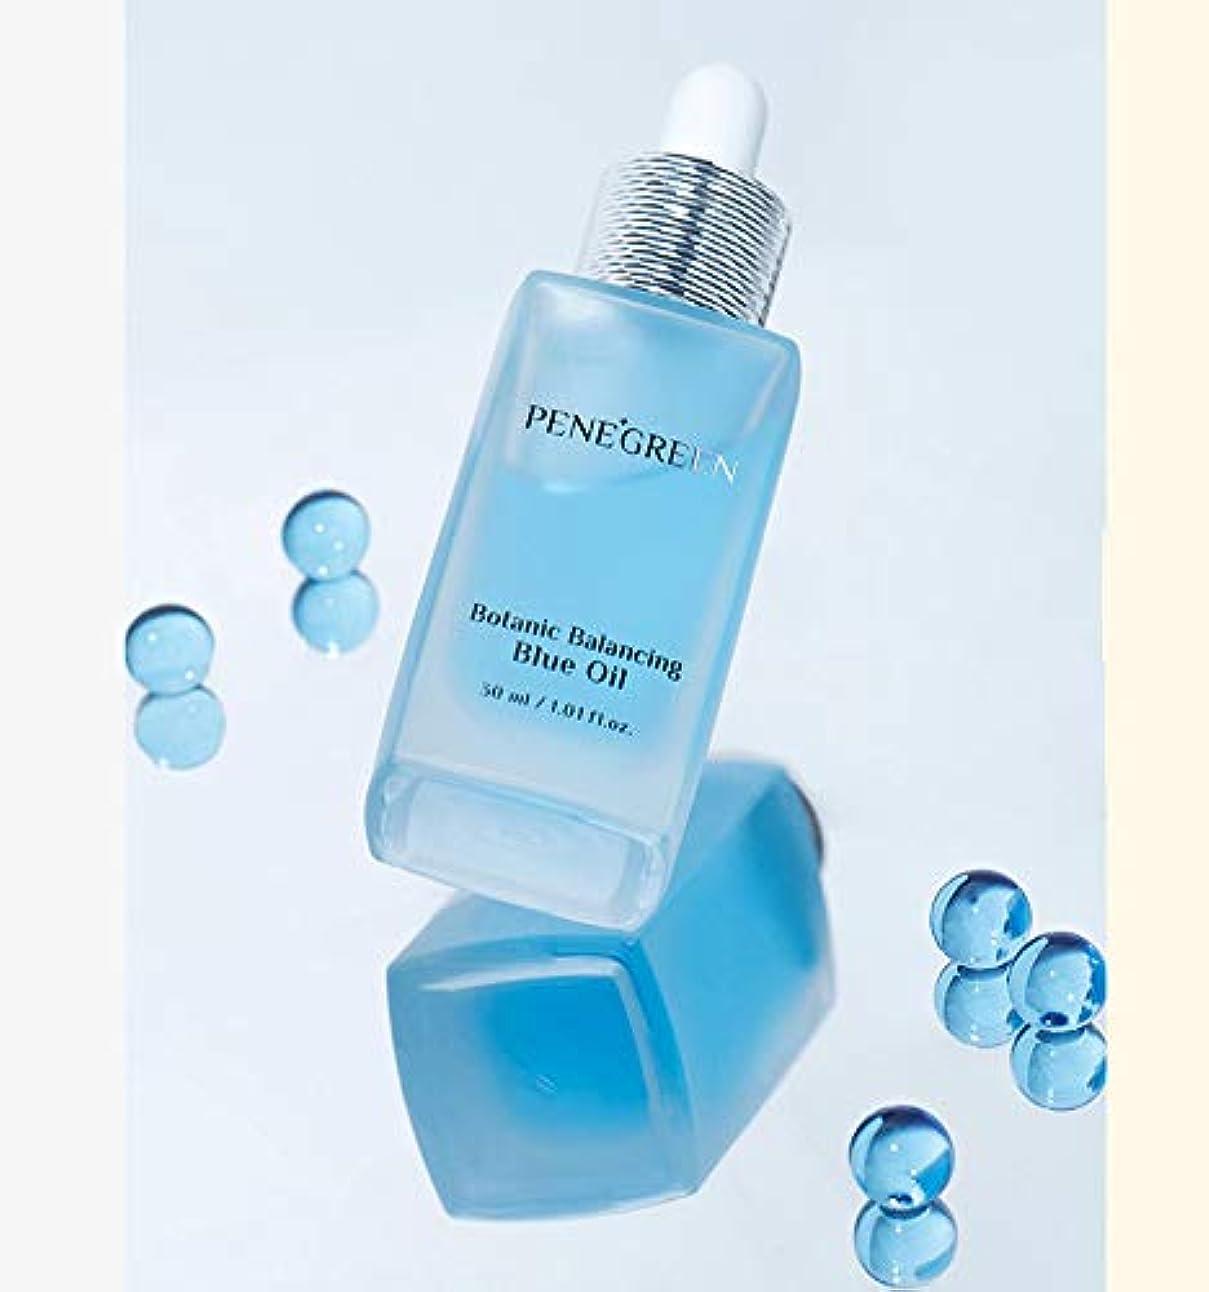 スコア低い正当化するペネグリーンPenegreen ボタニックエネルギーブルーオイル30ml / 韓国イ?ジュンギコスメ Botanic Energy Blue Face Oil [並行輸入品]